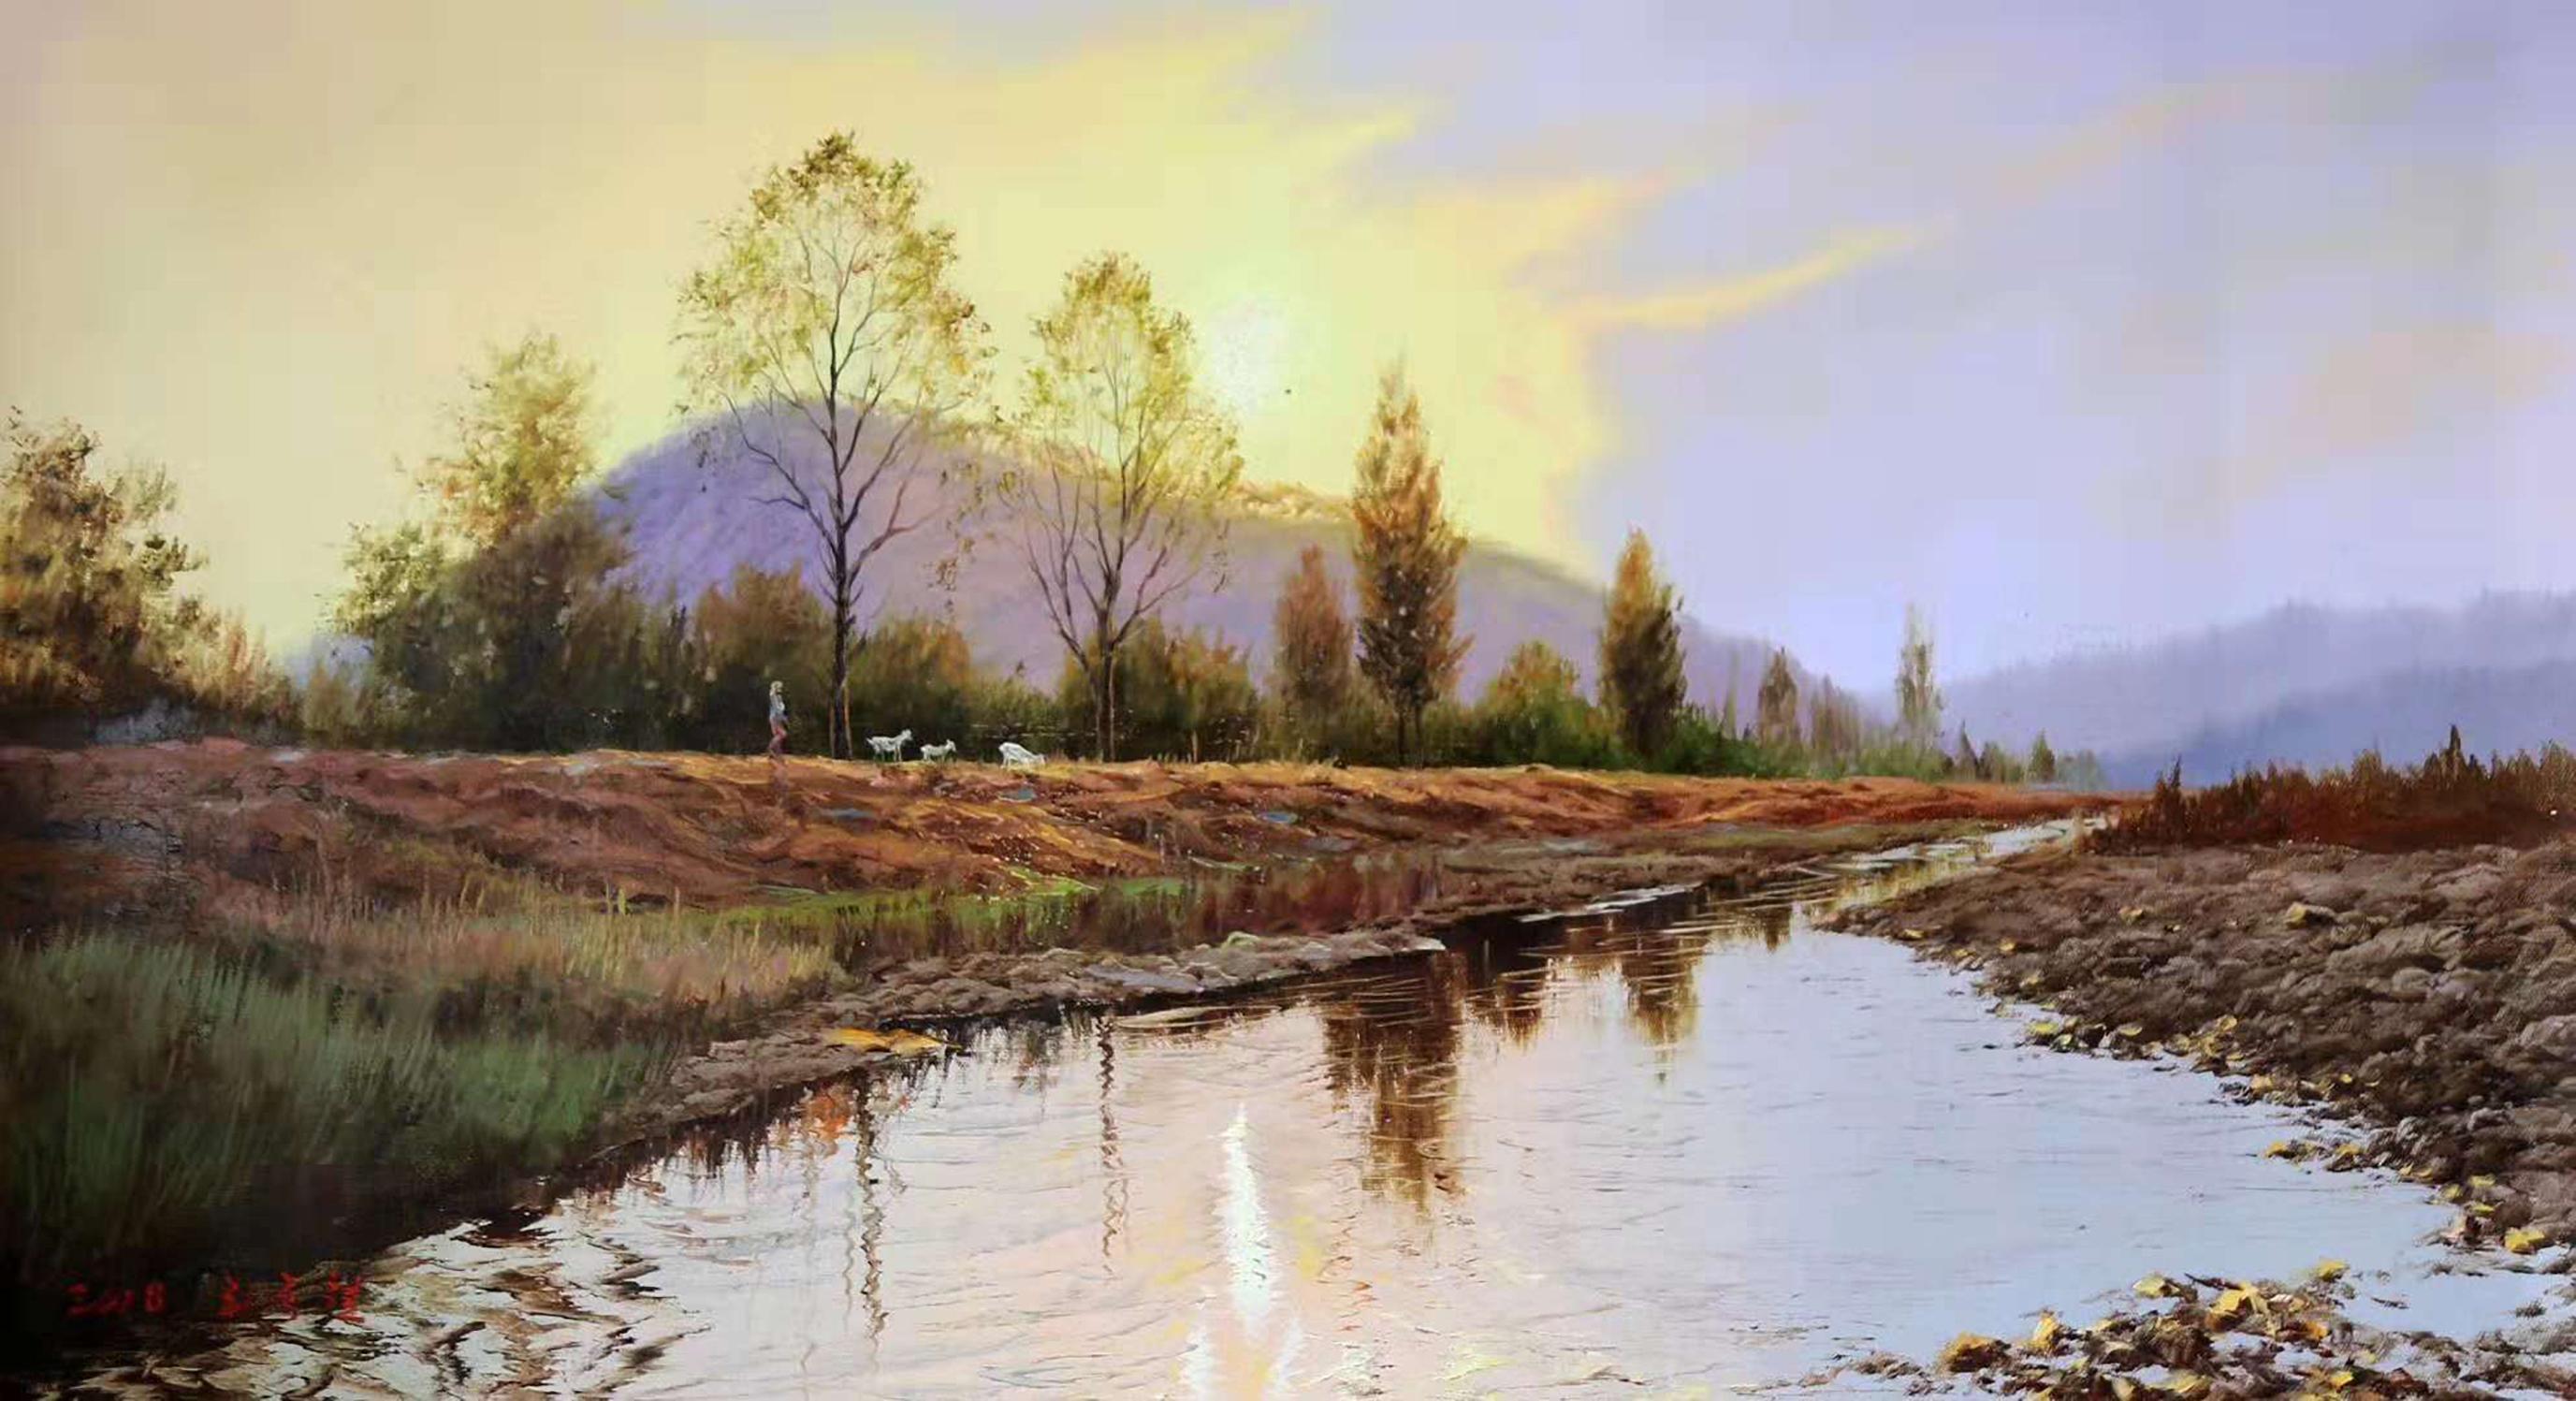 油畫風景:畫家筆下的一年四季景色,春天的湖水和冬天